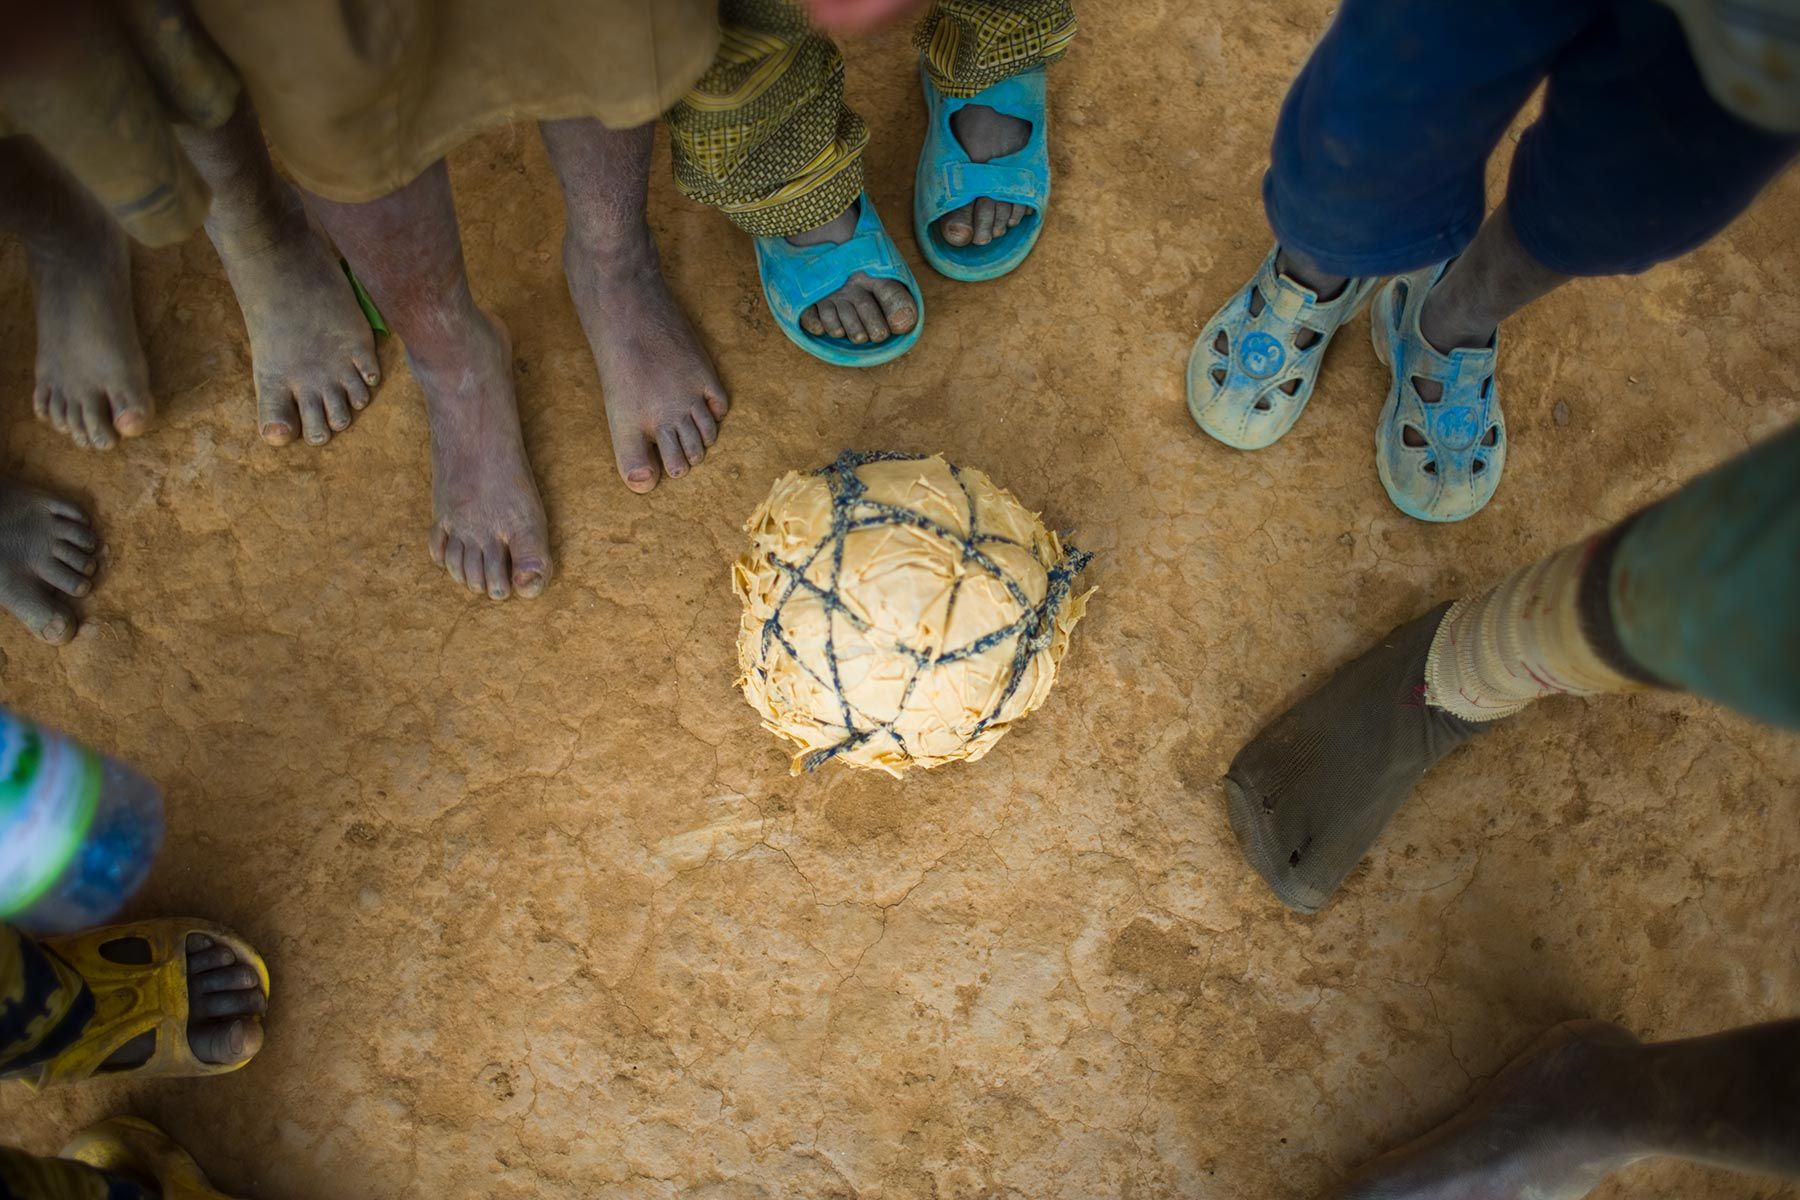 Soccerballfeet.jpg